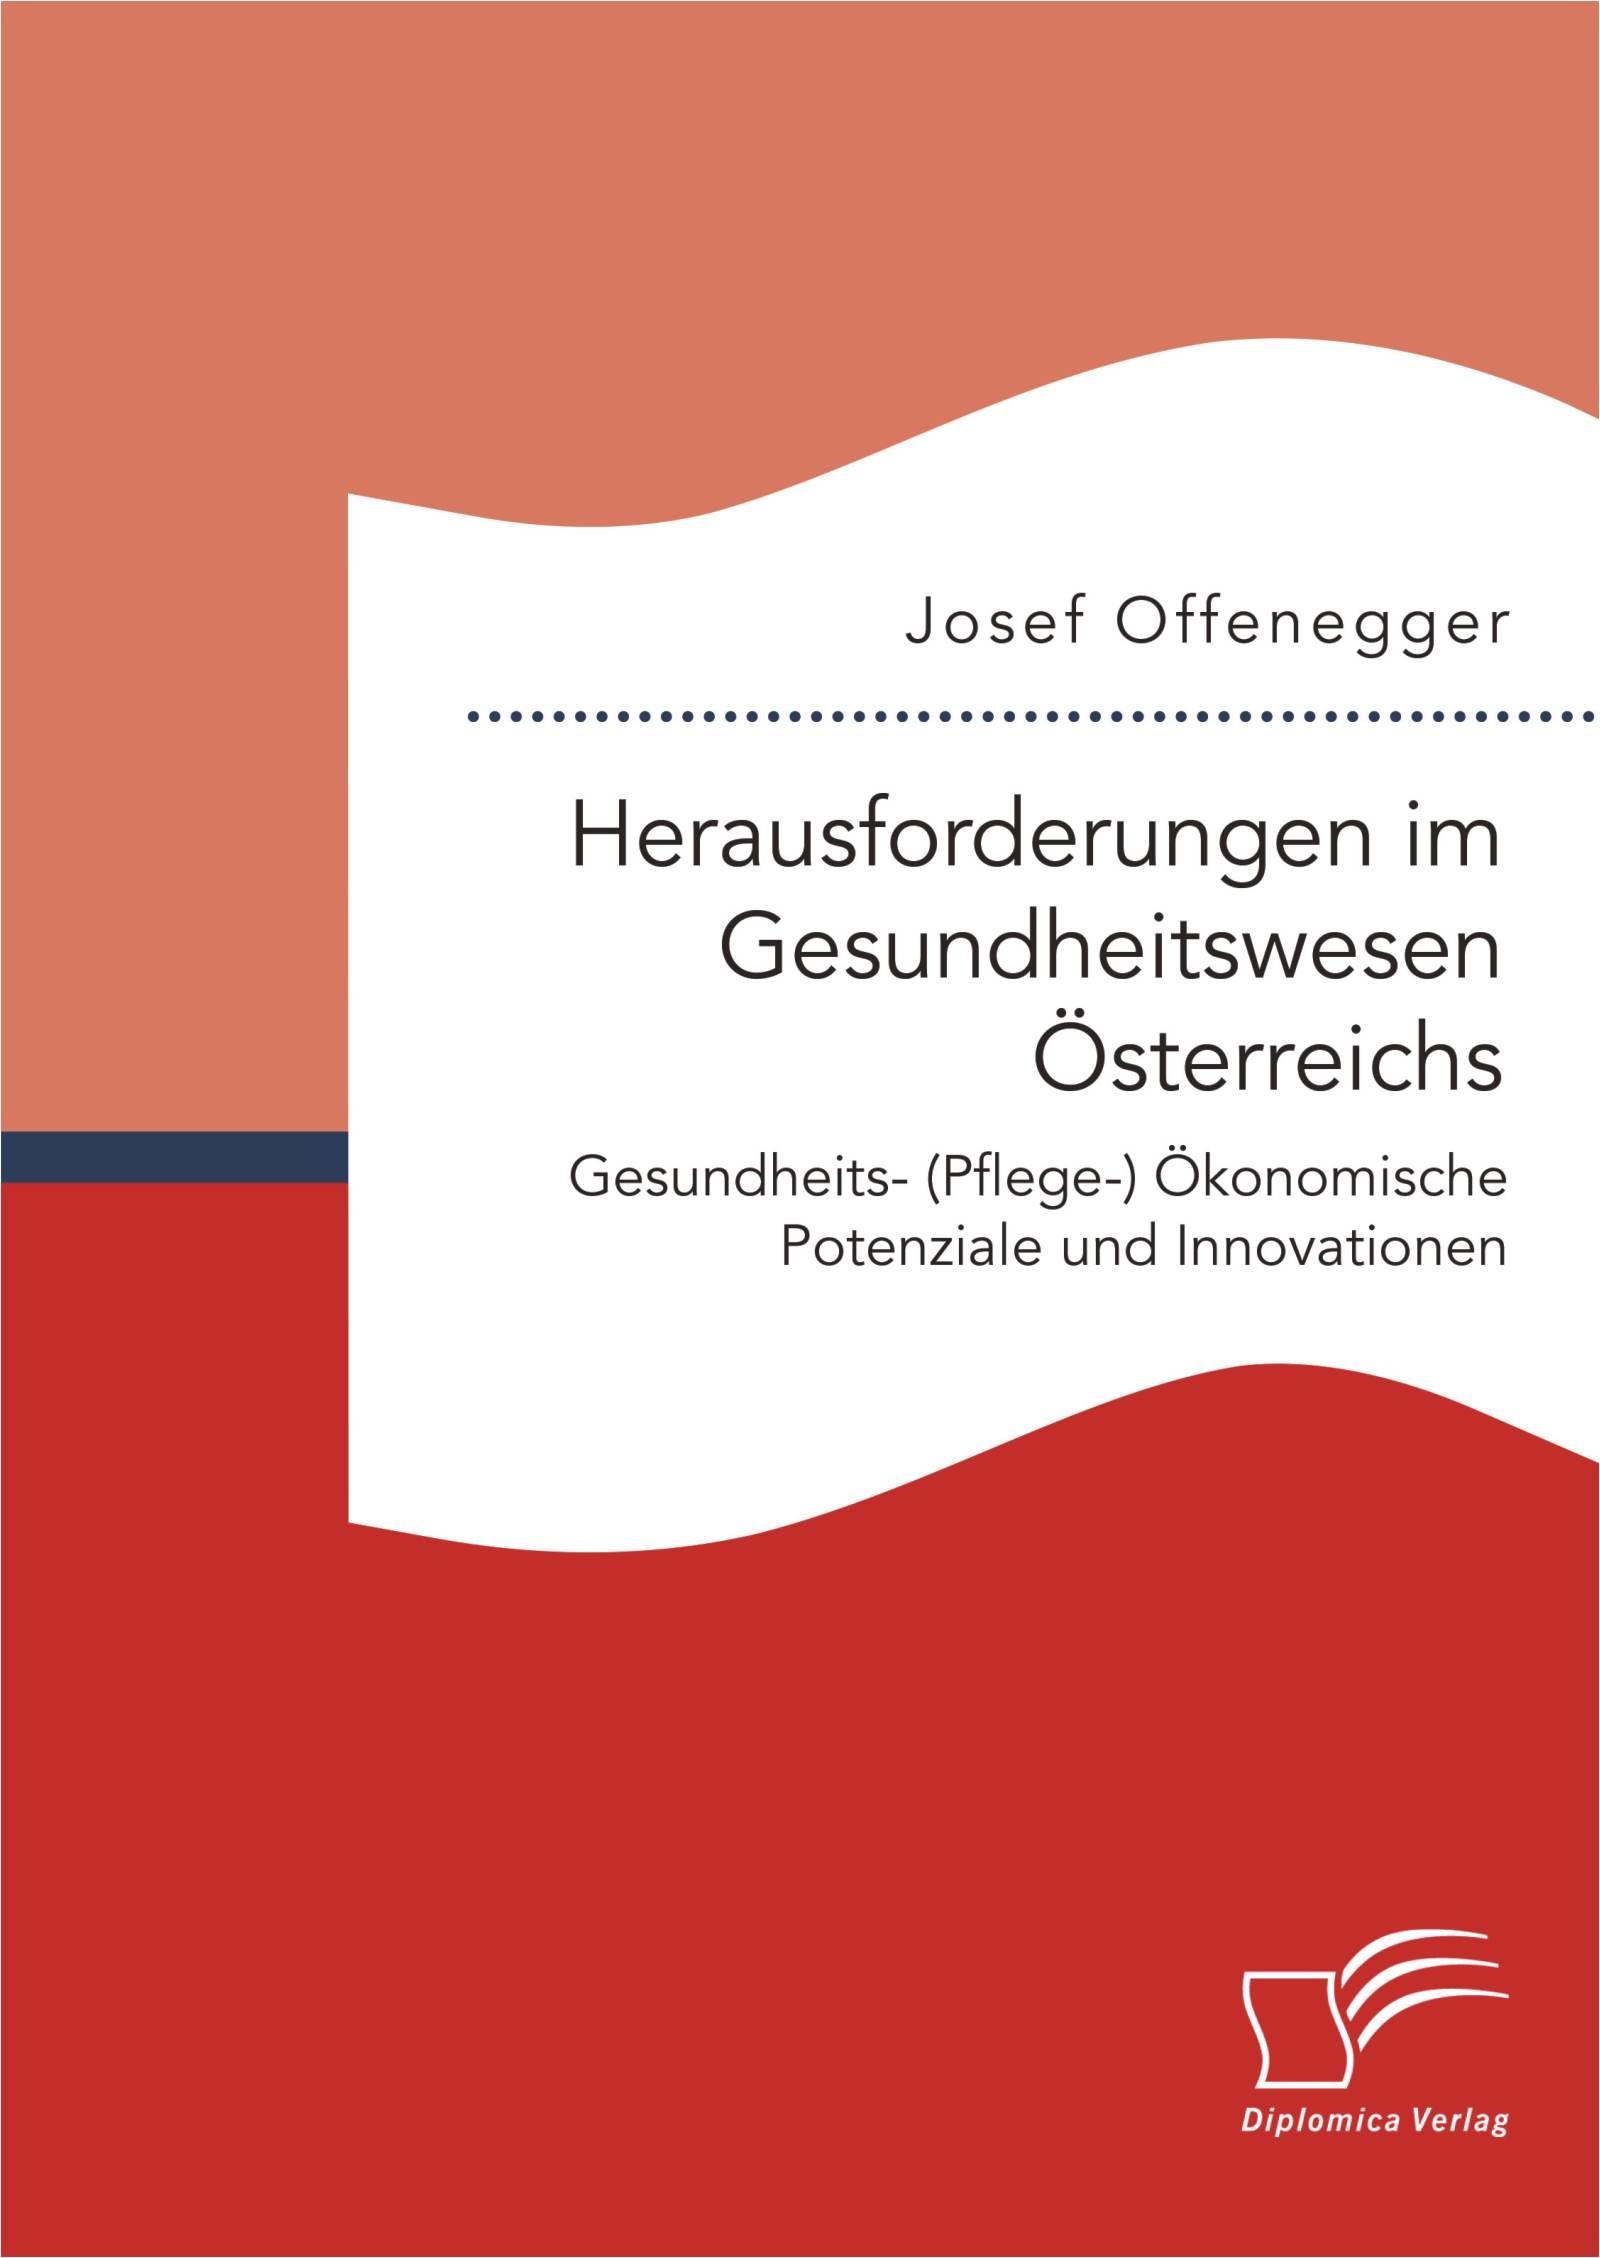 Herausforderungen im Gesundheitswesen Österreichs. Gesundheits- (Pflege-) Ökonomische Potenziale und Innovationen   Offenegger   Erstauflage, 2016   Buch (Cover)